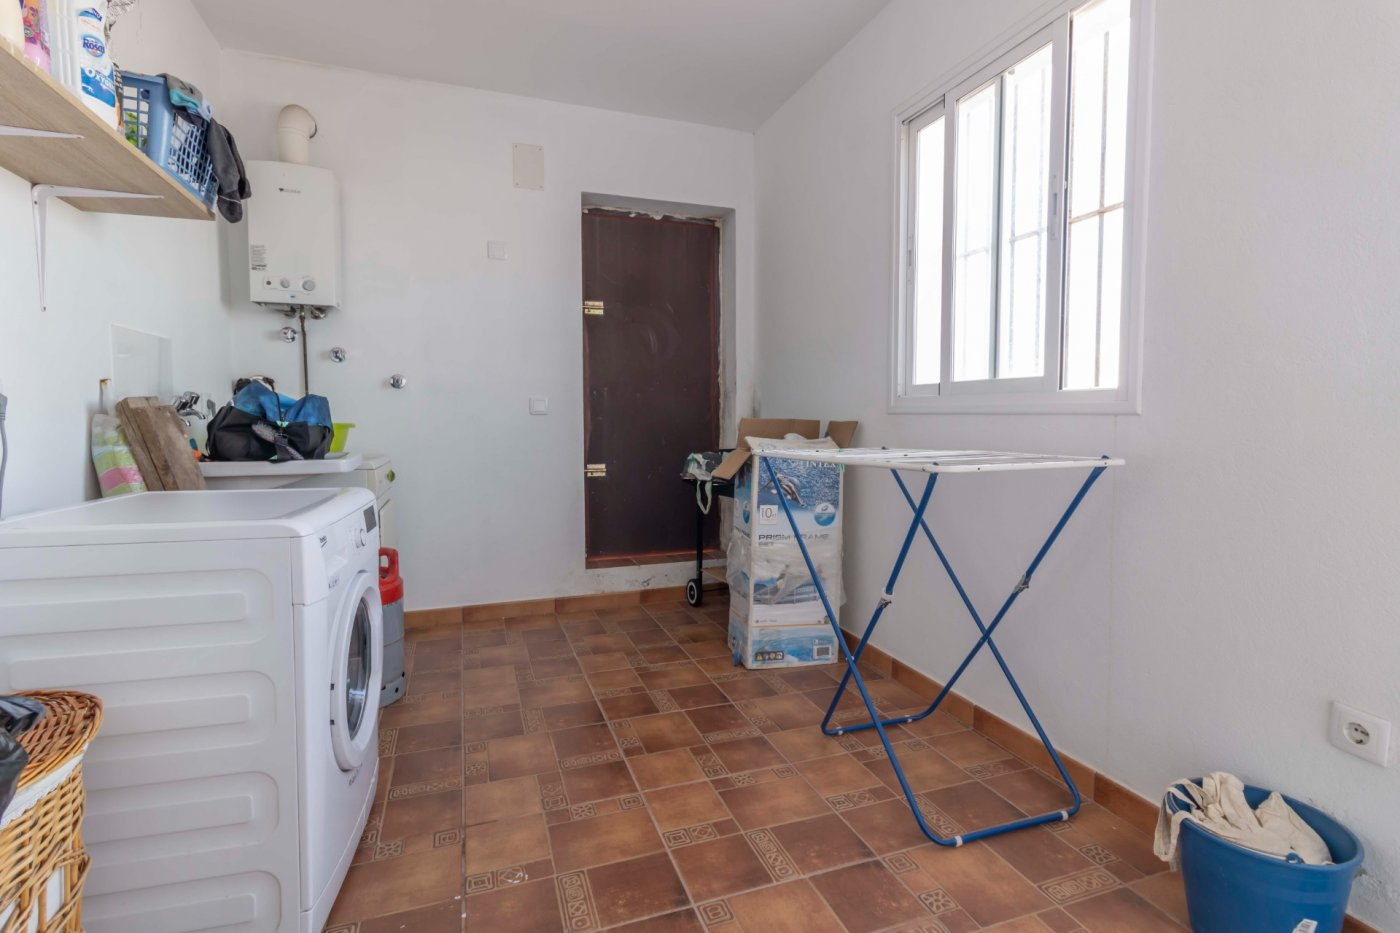 Casa de reciente construccion a la venta en carmona - imagenInmueble35